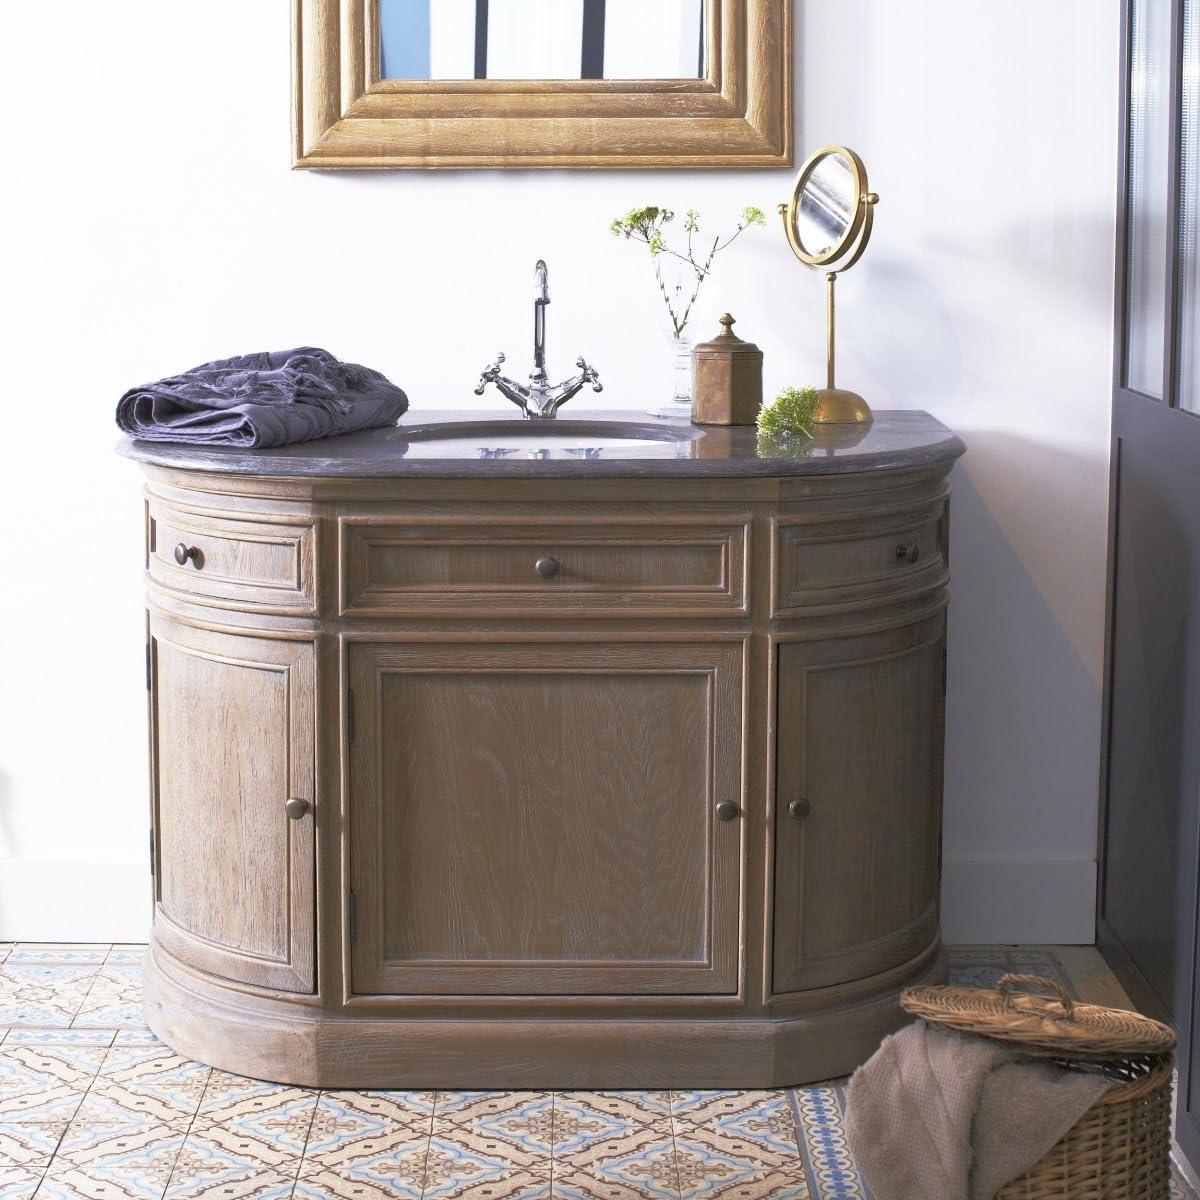 Tikamoon Louise Meuble Avec Simple Vasque Chene Gris 110 X 64 X 85 Cm Amazon Fr Cuisine Maison